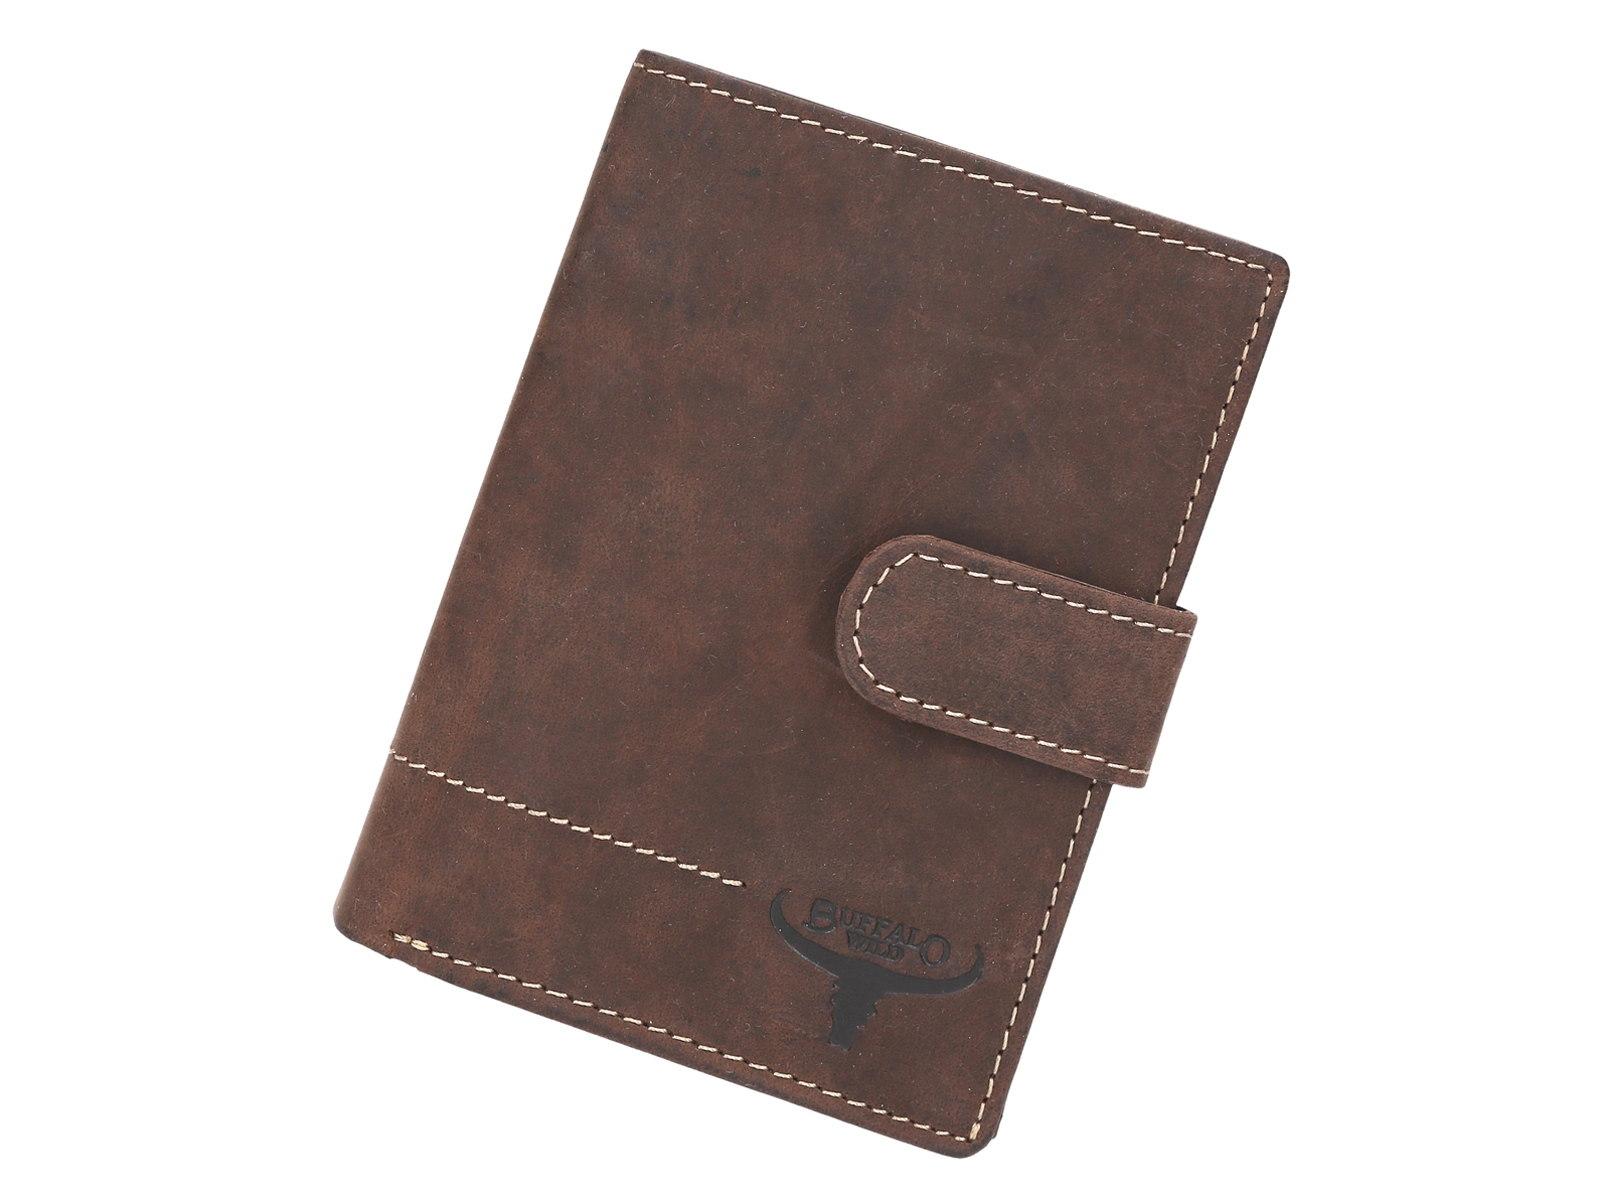 VADA - Tmavěhnědá kožená peněženka Buffalo Wild N4L-H-1 s upínkou 0be82f7c9a